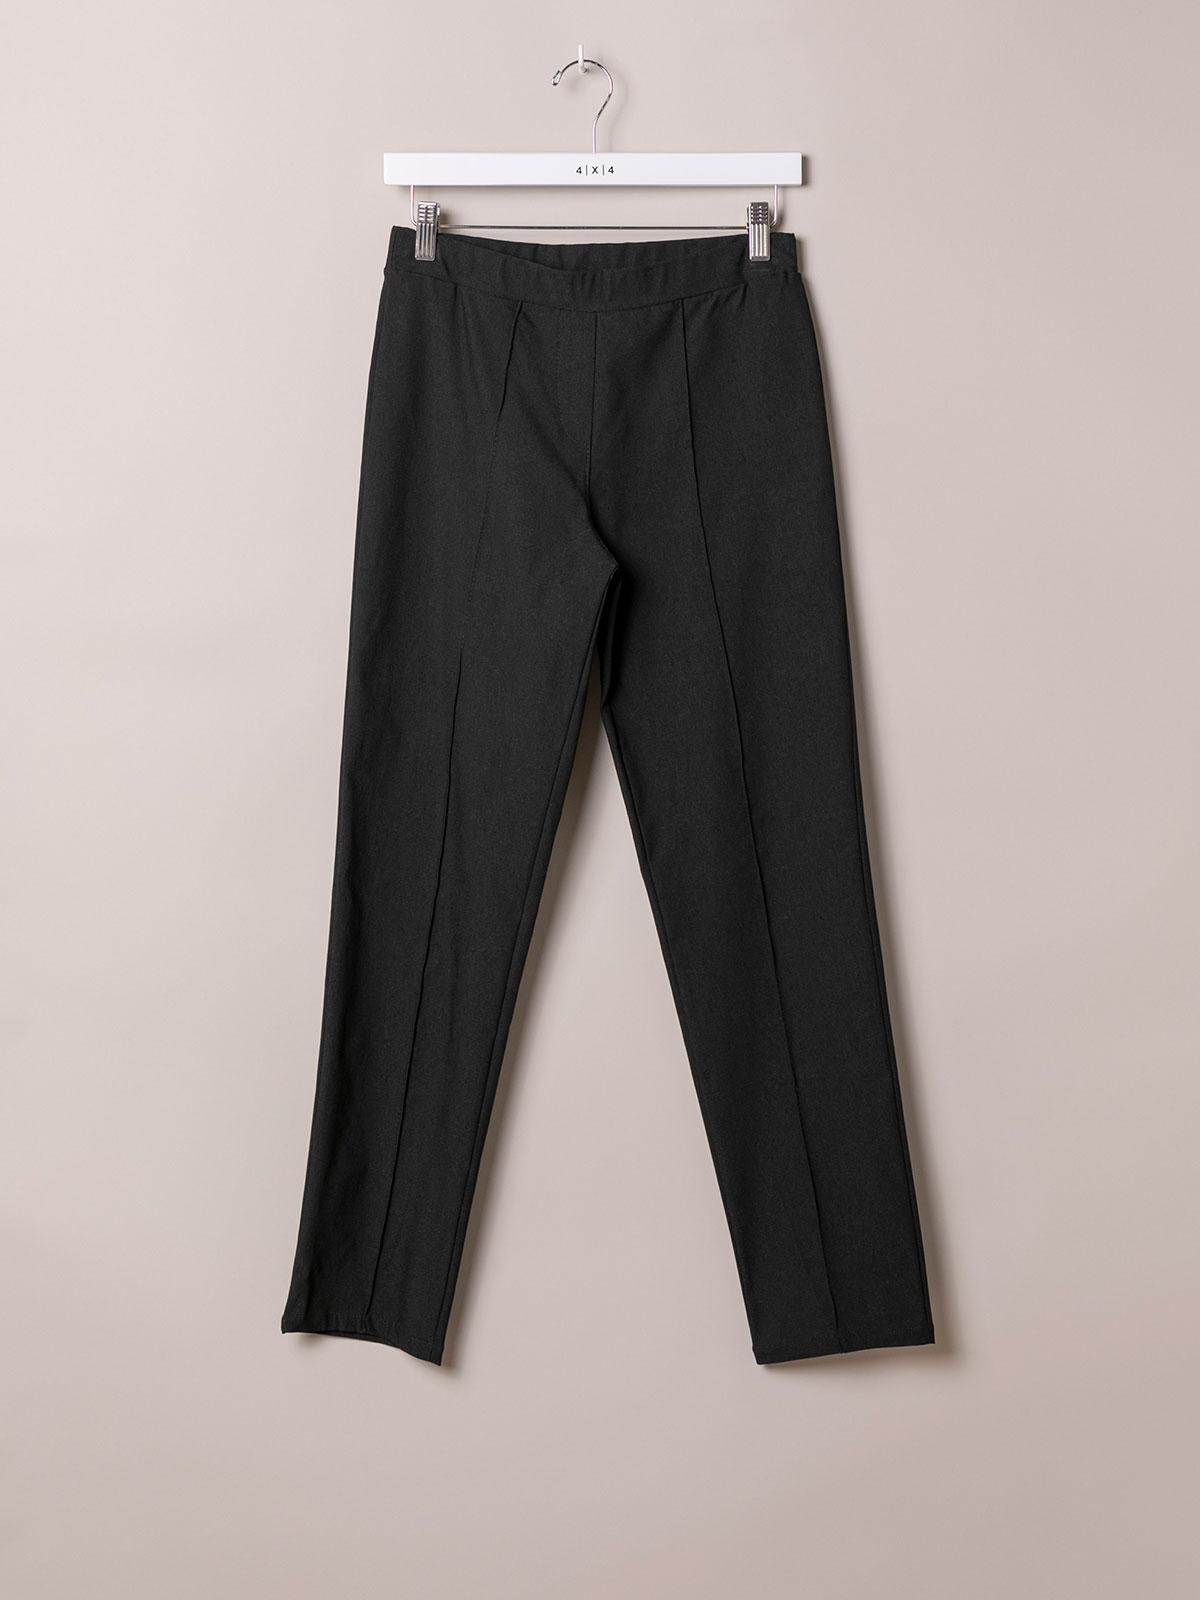 Pantalón mujer confort elástico Negro